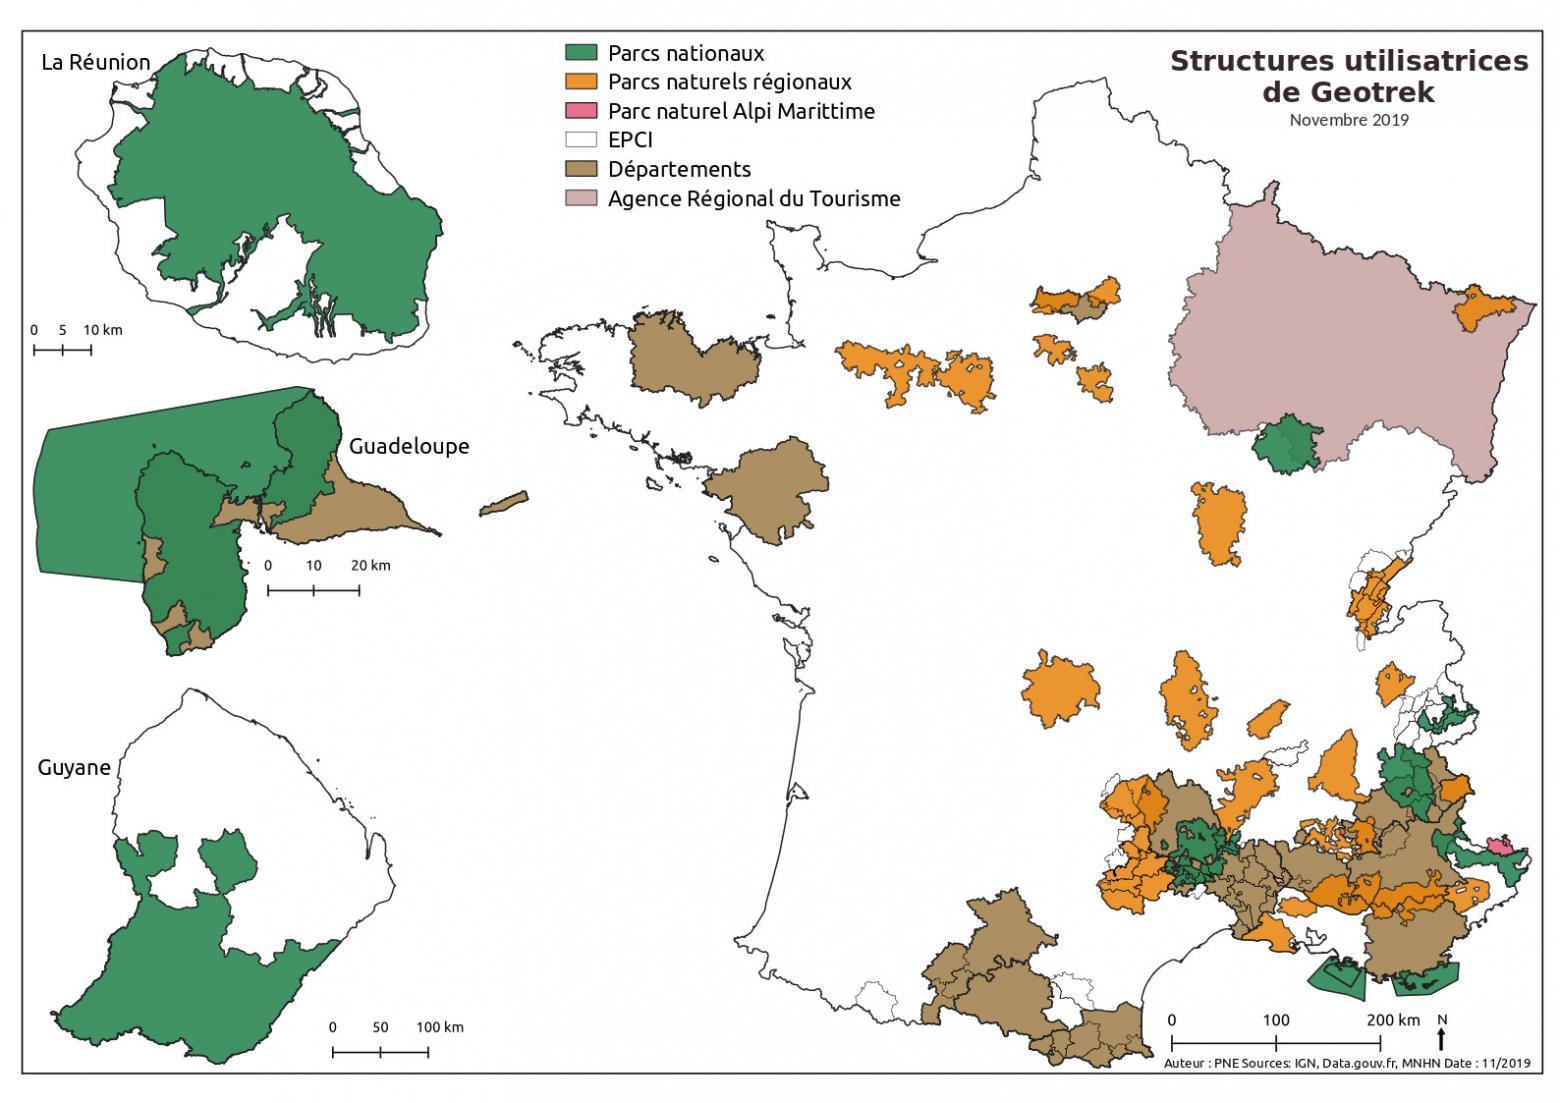 Structures utilisatrices de Geotrek - 3ème rencontres Geotrek à Nimes, novembre 2019 - Parc national des Écrins